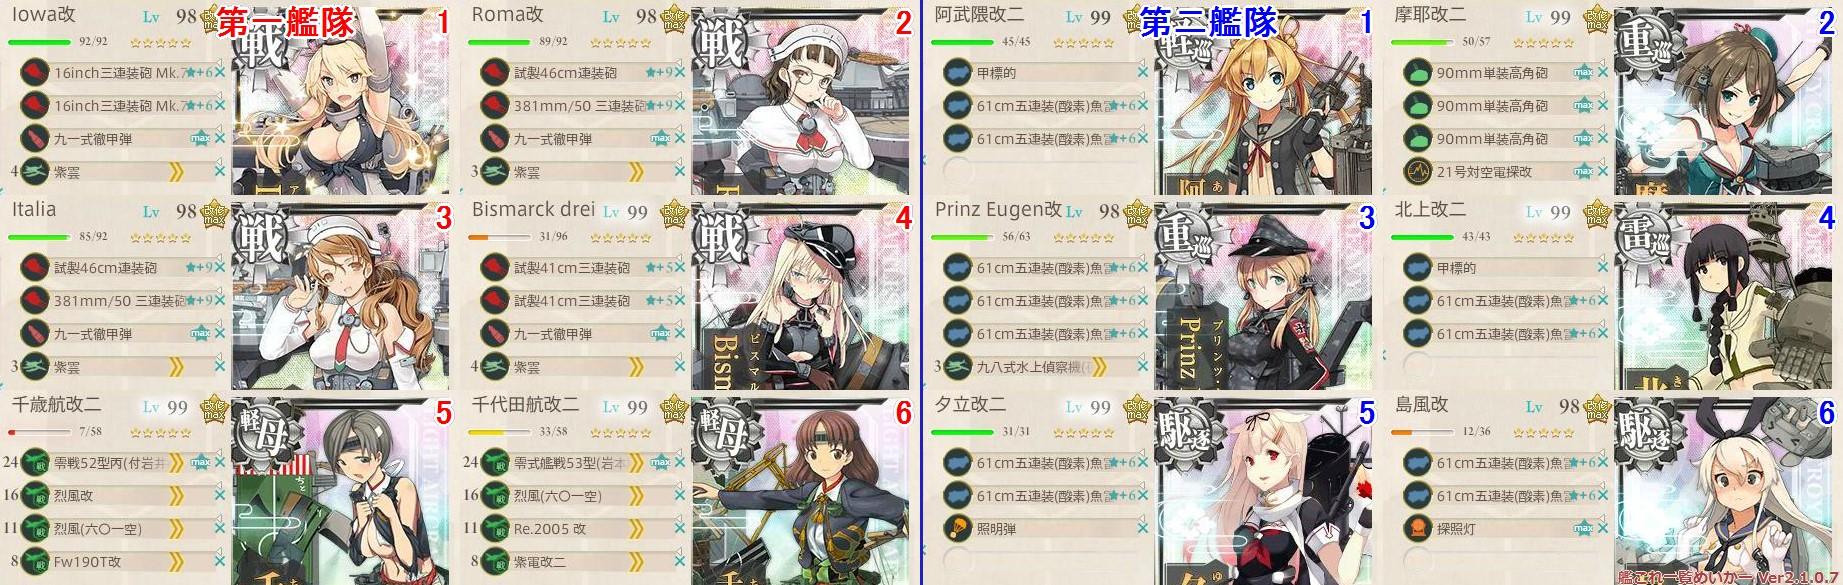 17win-e3-senryoku2.jpg